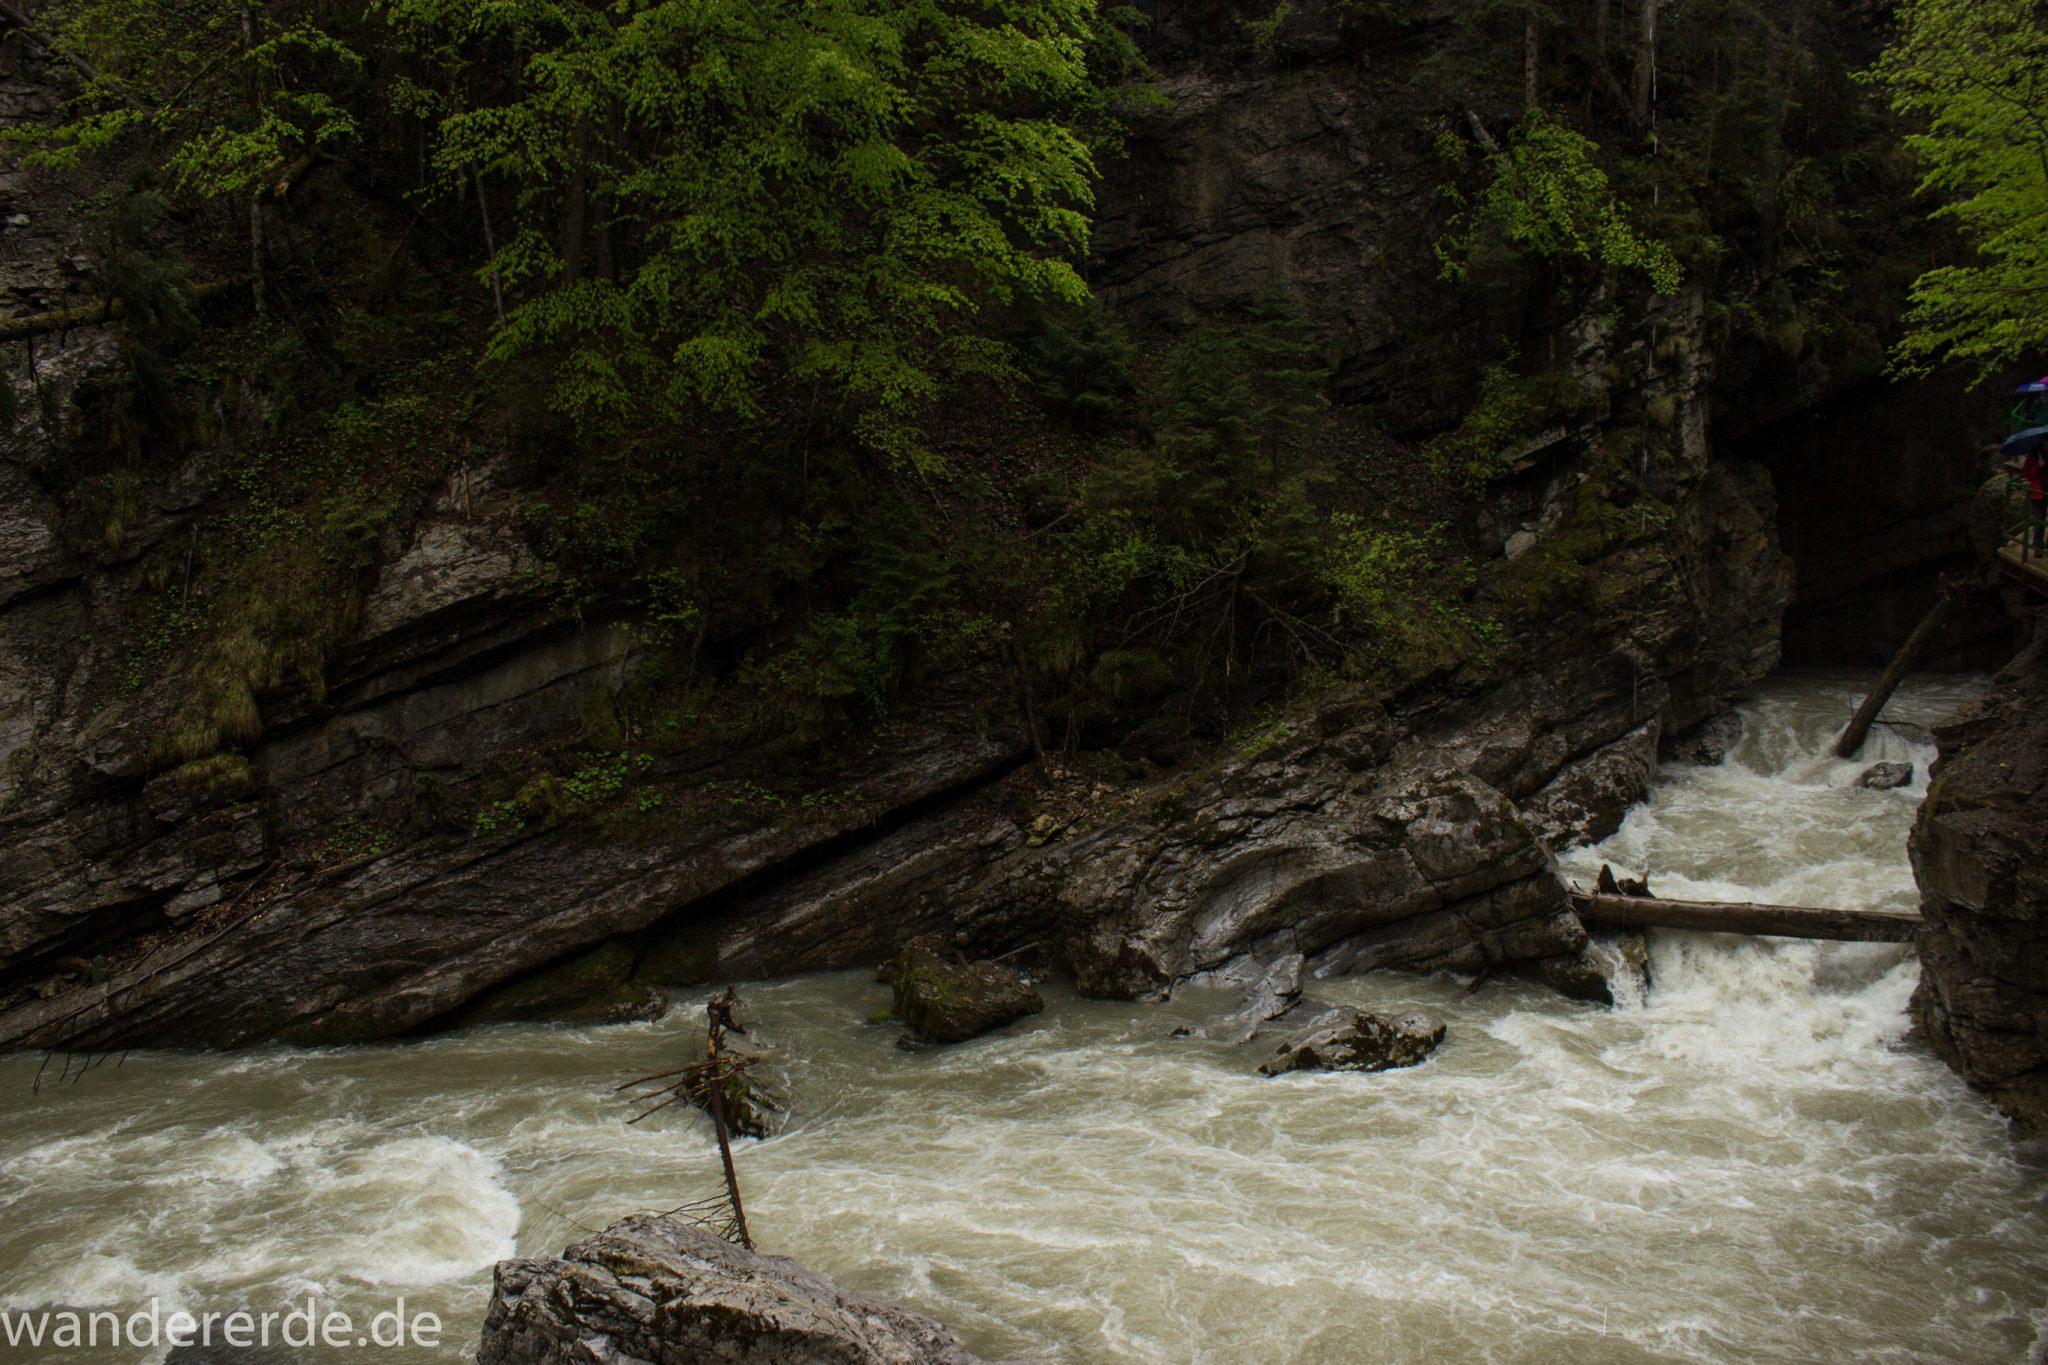 Wanderung durch die Breitachklamm im Allgäu, tosende Breitach nach starkem Regen, Klamm umgeben von schönem Wald, Felsen im Fluss, Schneeschmelze im Allgäu